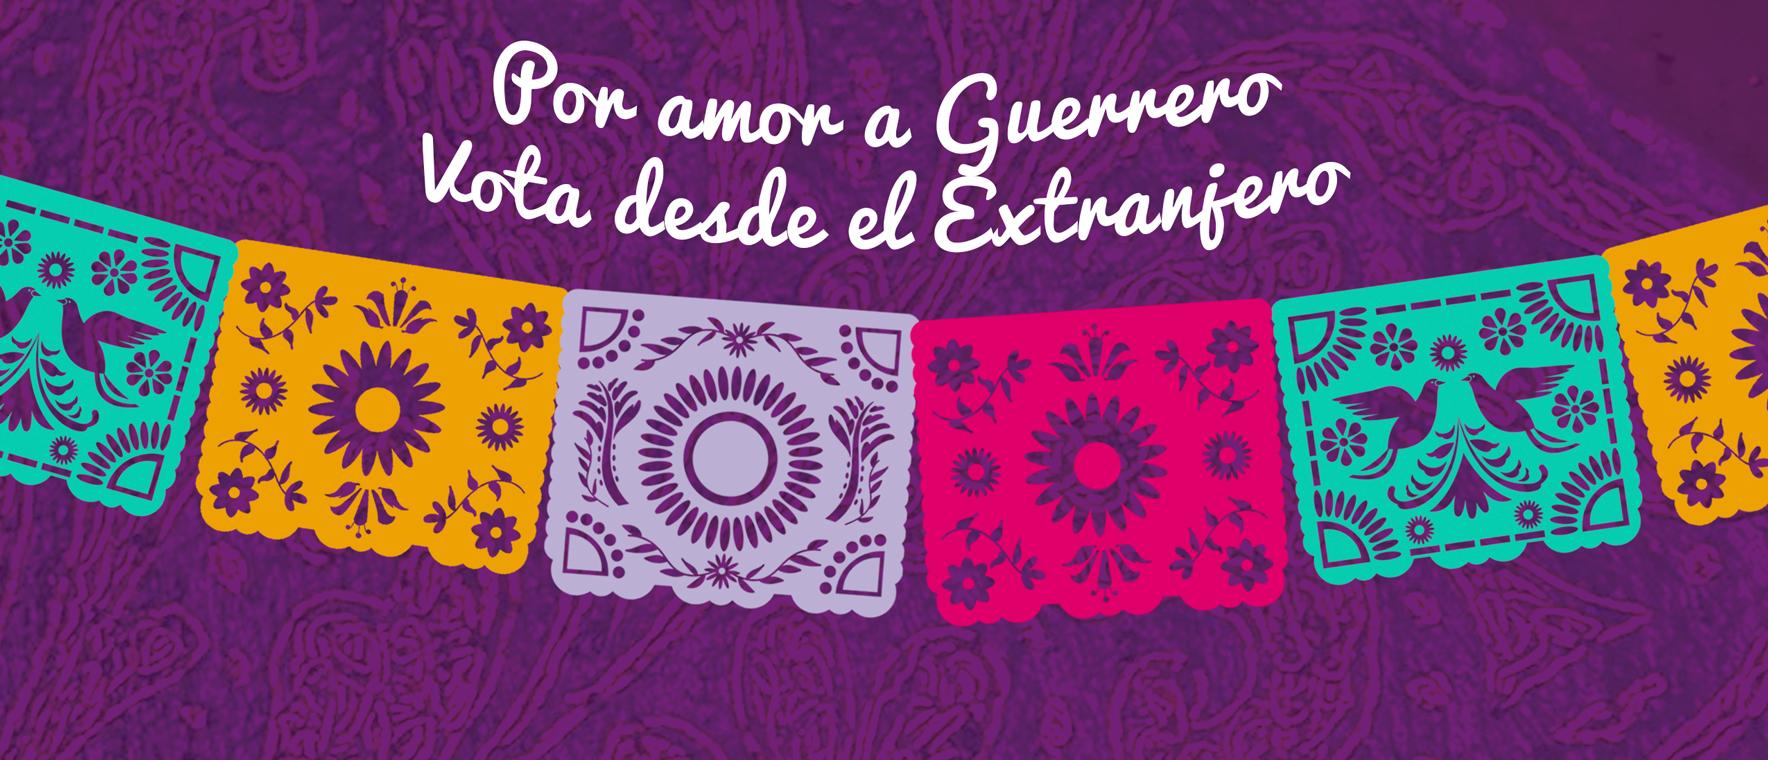 Por_amor_a_guerrero_vota_desde_el_extrtanjero_banner